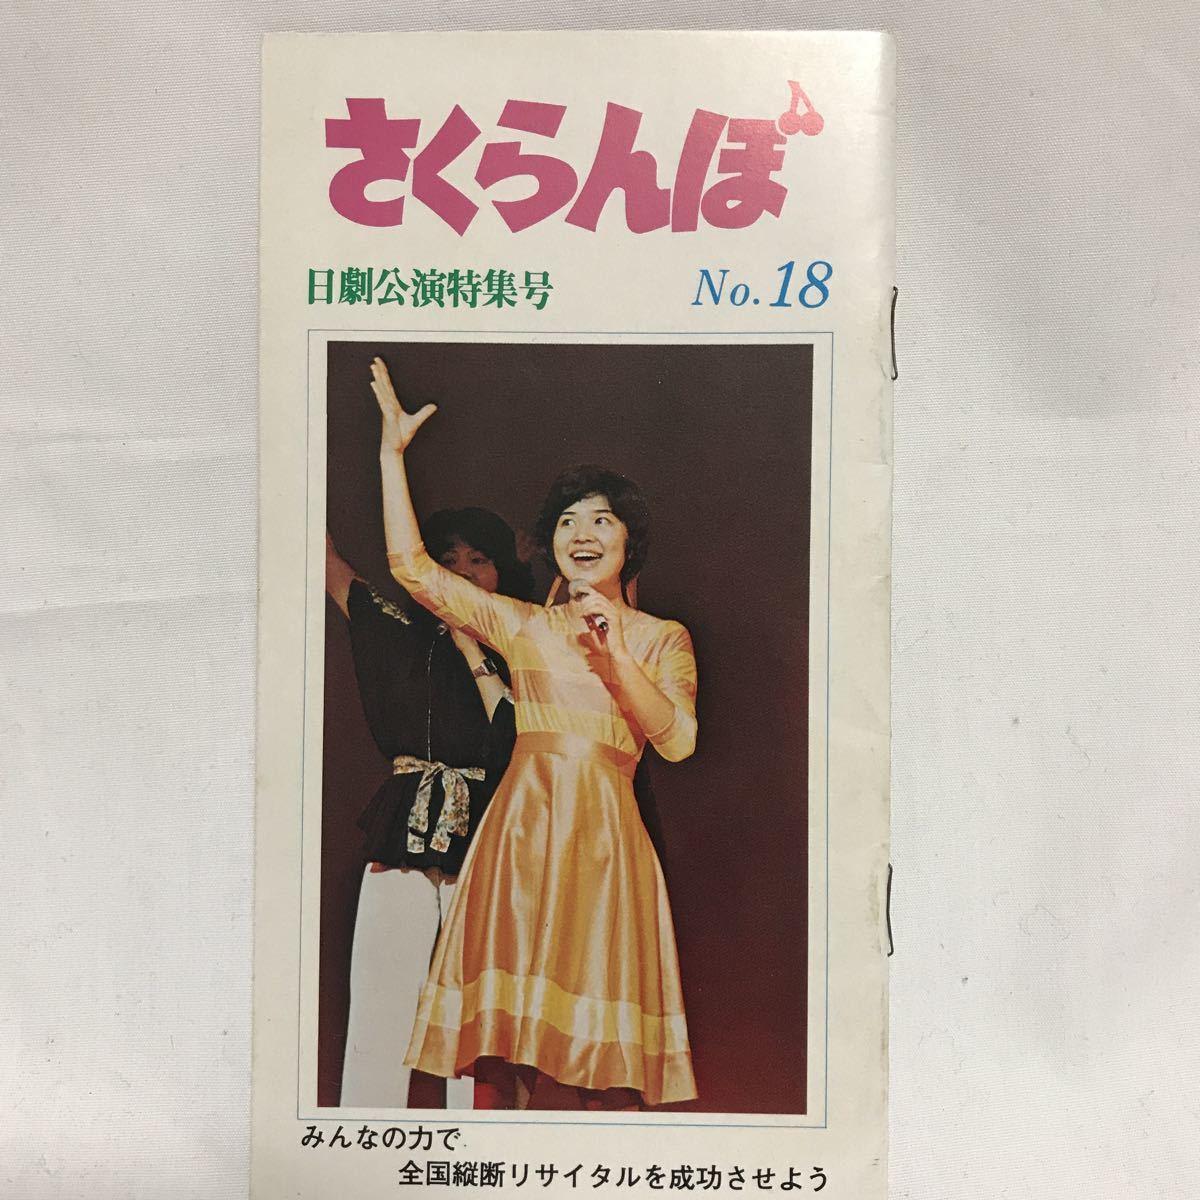 桜田淳子ファンクラブ会報誌/さくらんぼNo.18★昭和51年(1976年)発行